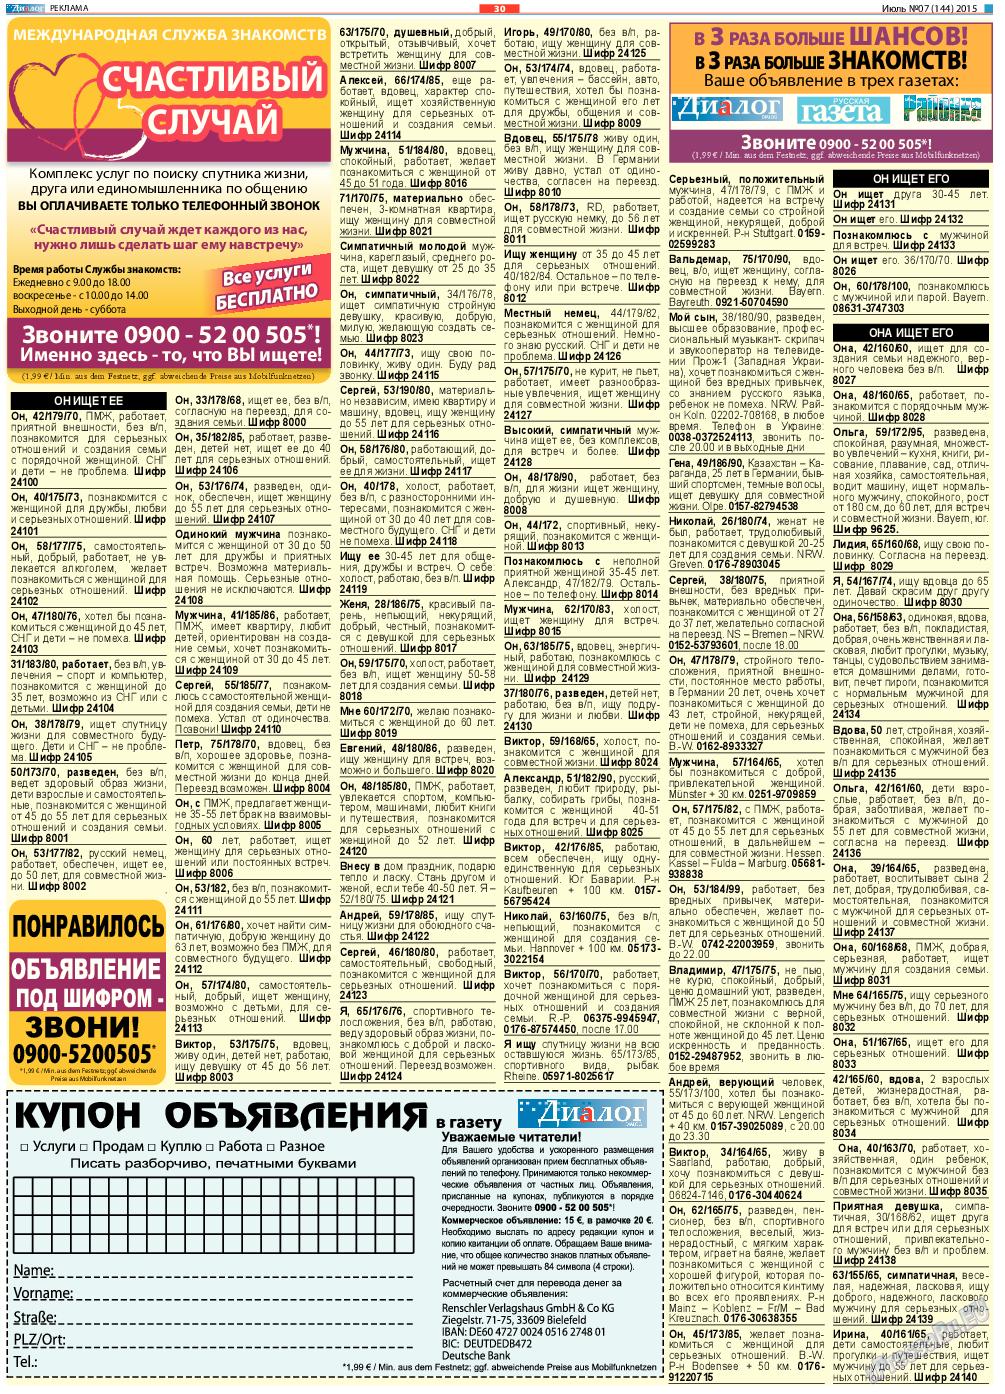 Иваново газета бесплатных объявлений, знакомства сайт знакомства украина